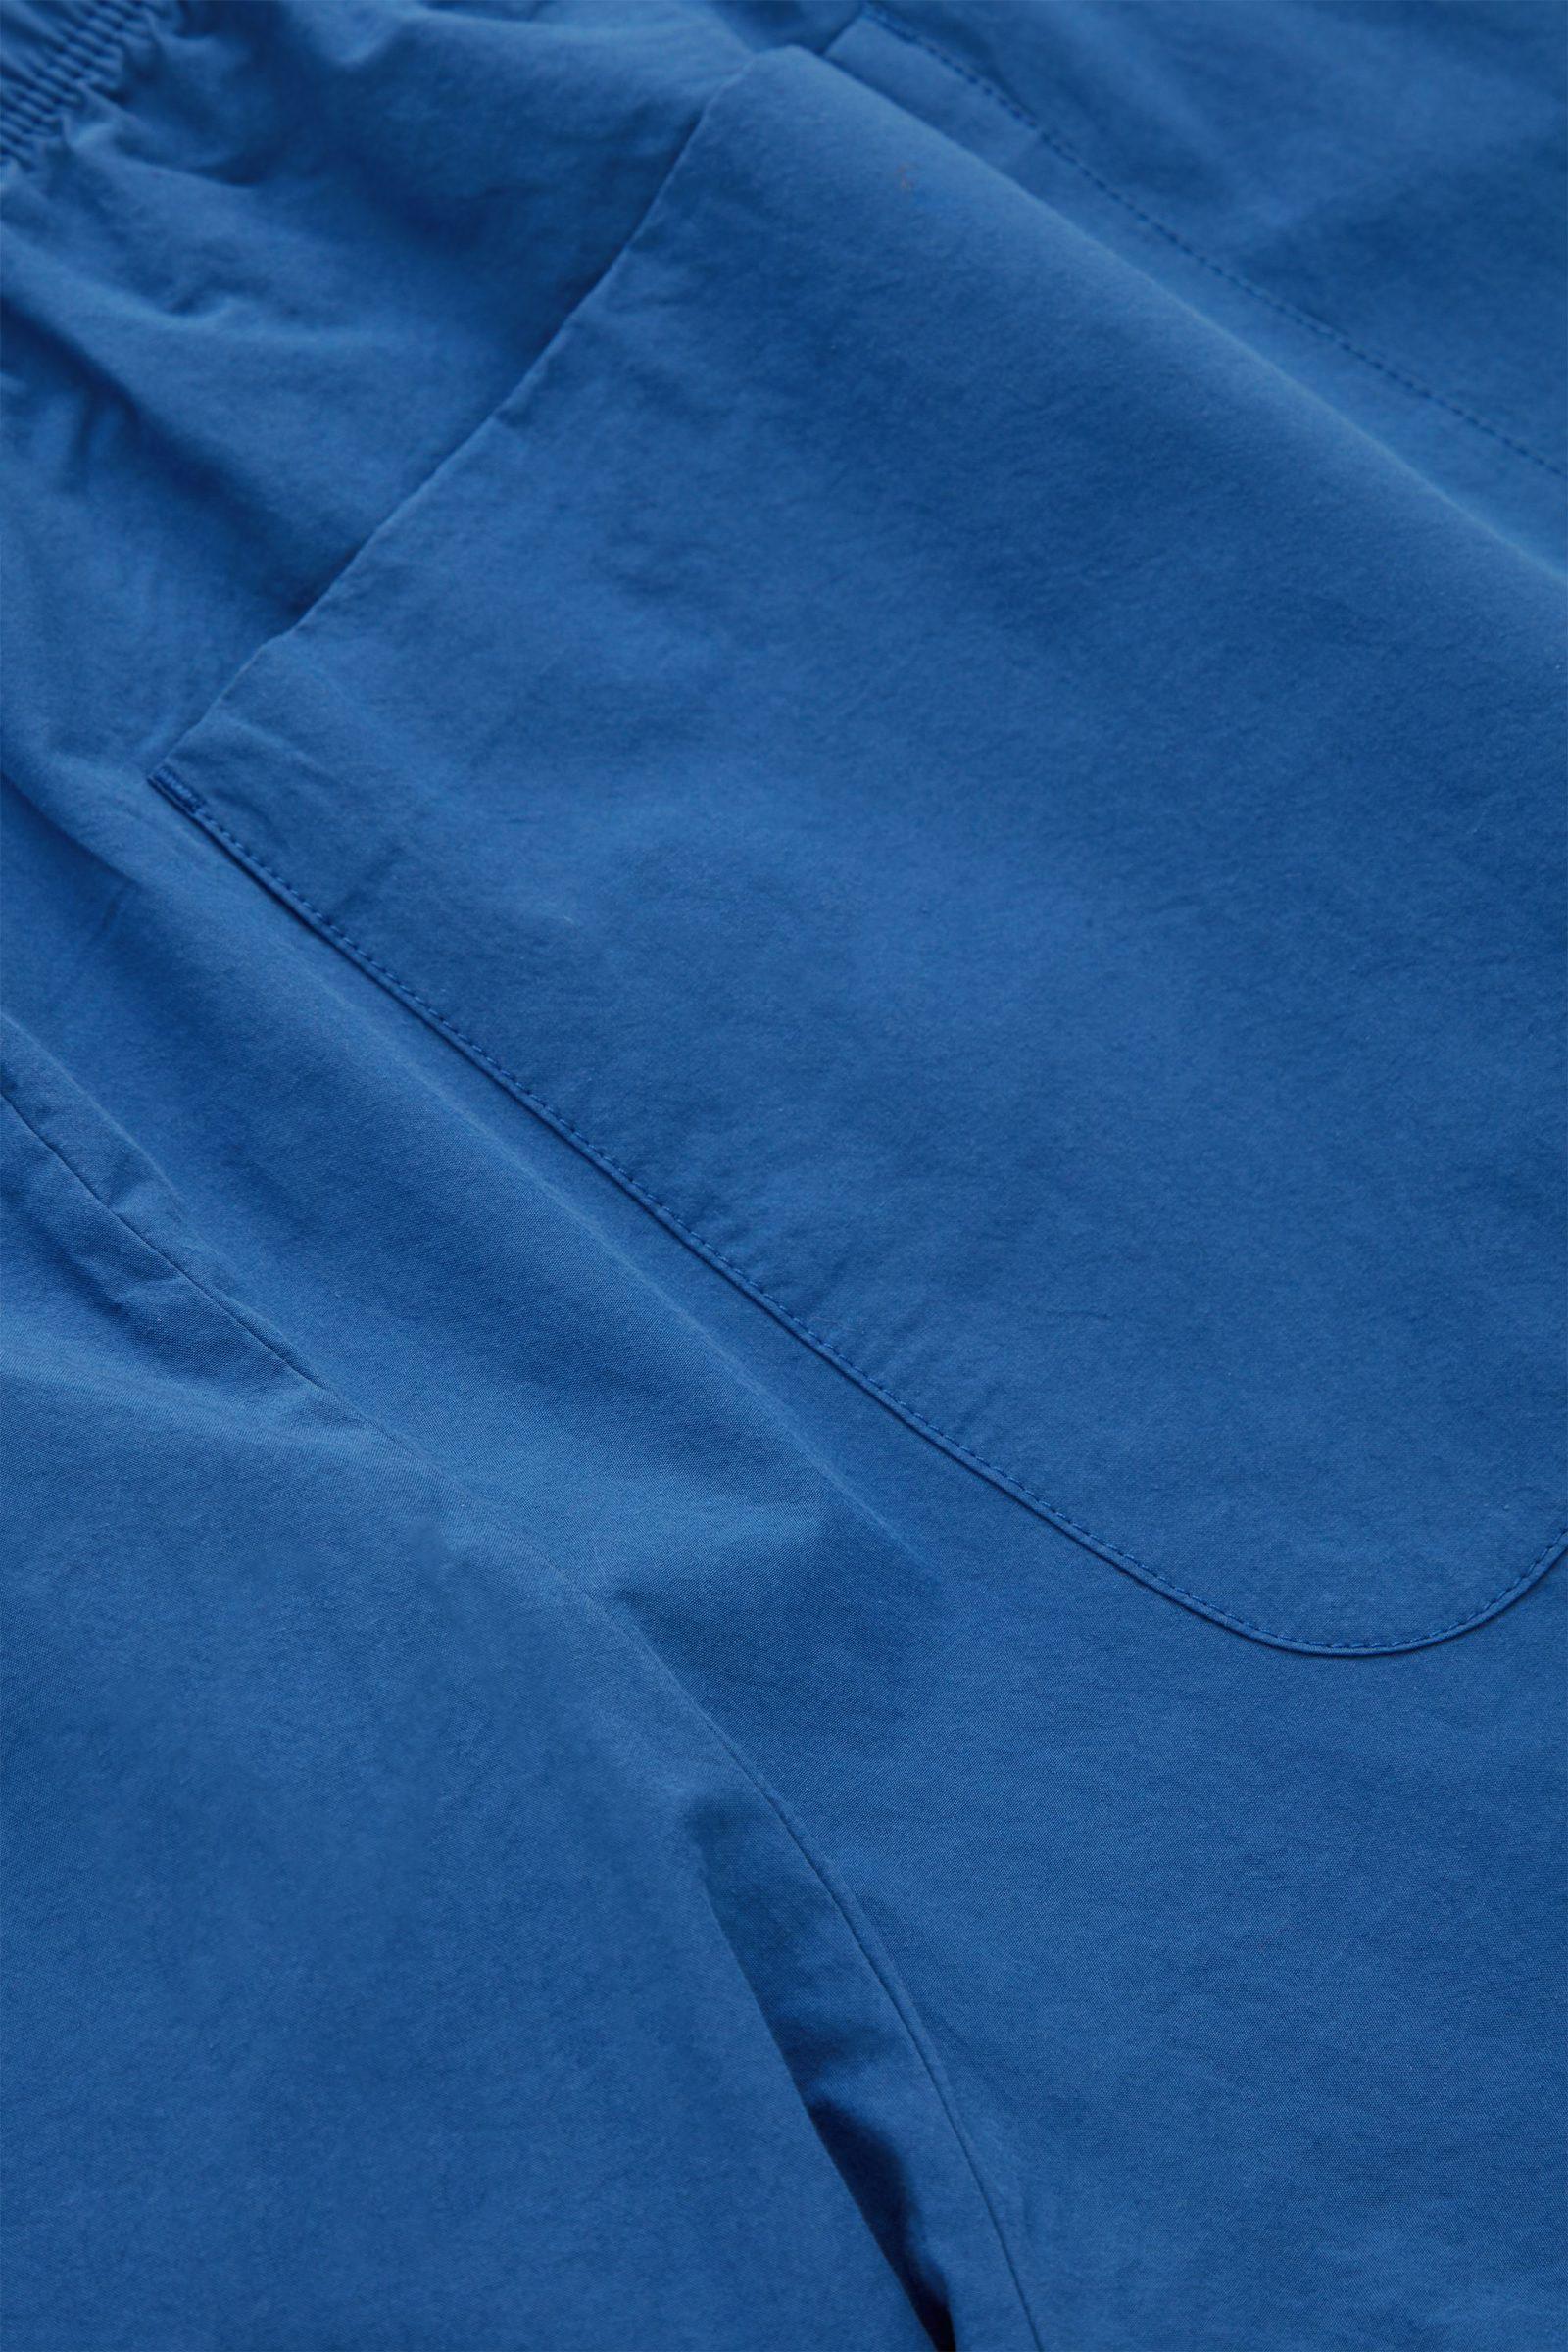 COS 드로우스트링 코튼 쇼츠의 블루컬러 Detail입니다.